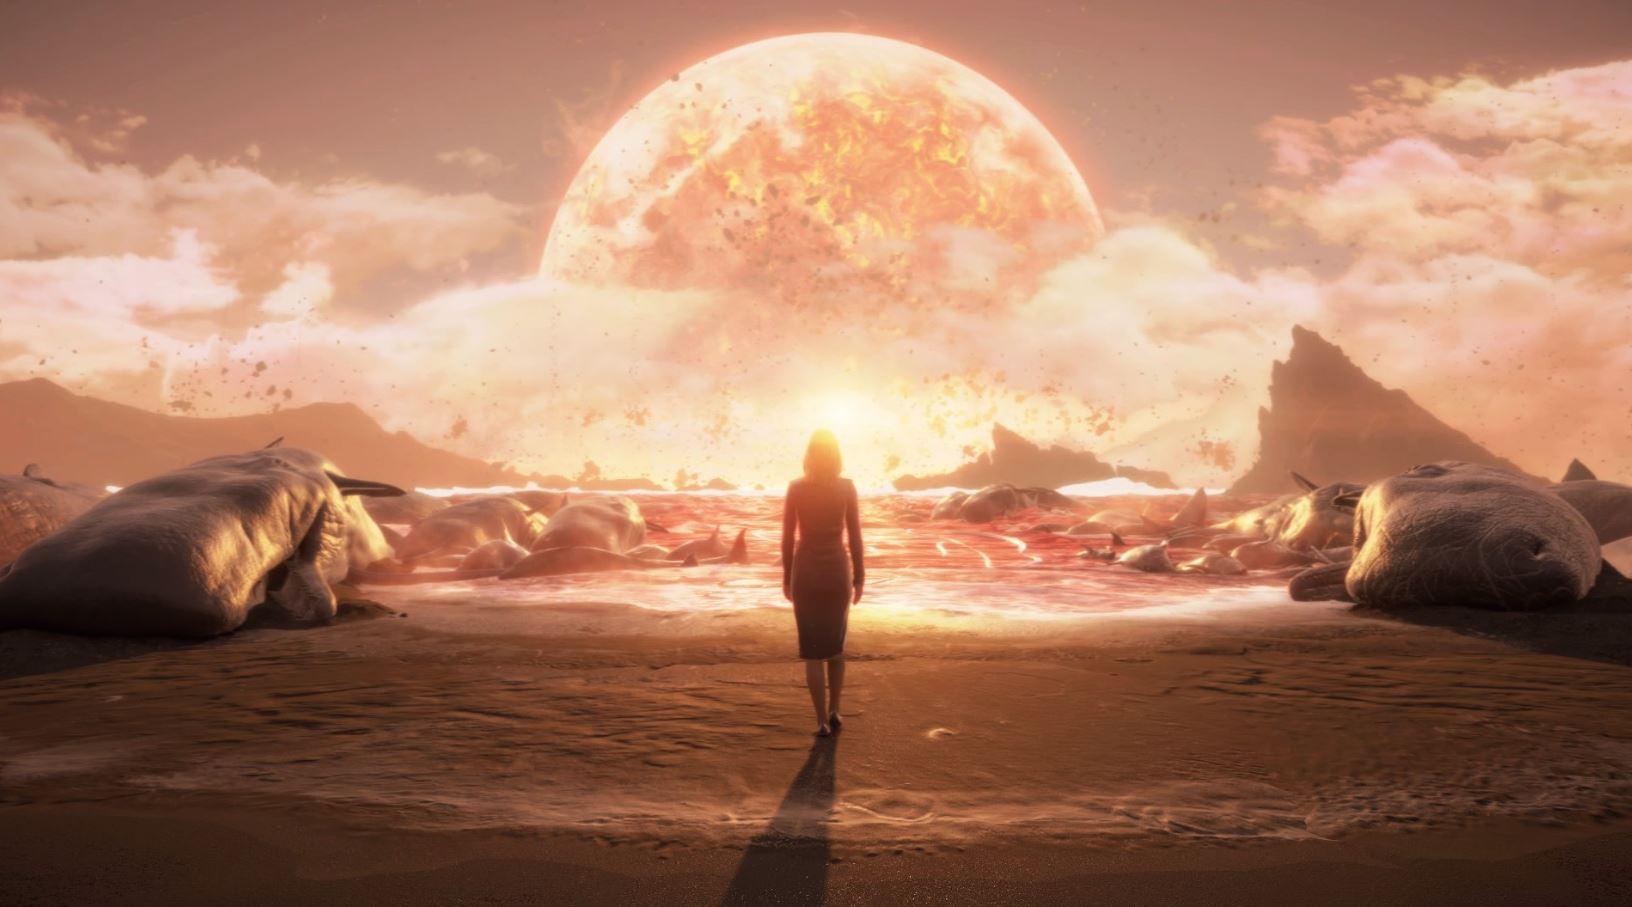 畢竟多年來她承受著地球的末日,會崩潰也能理解。